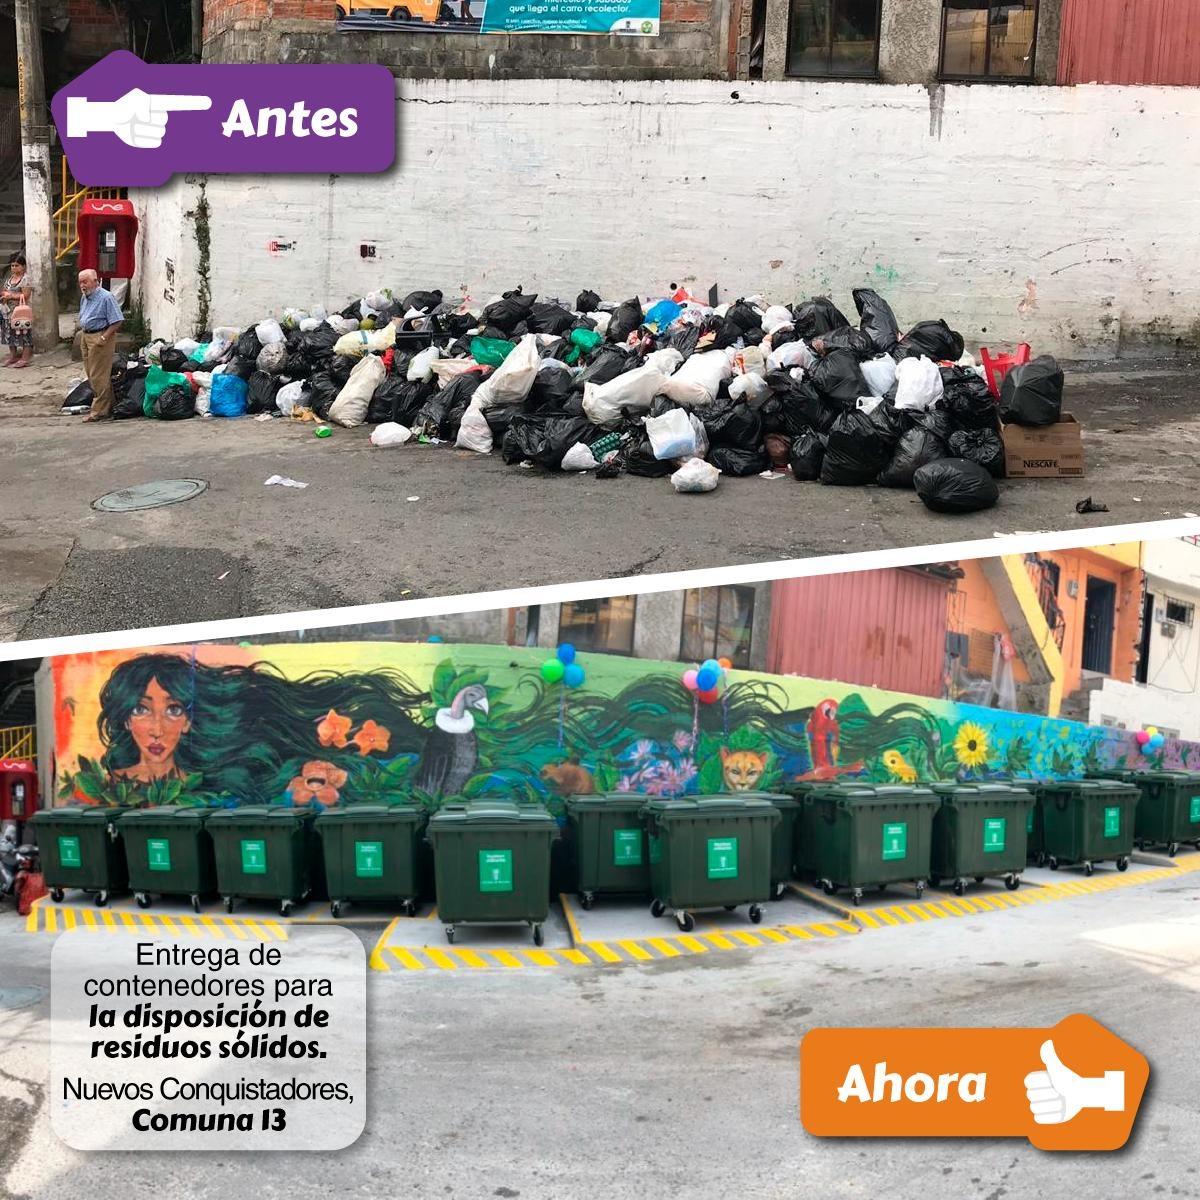 Instalación de 34 contenedores de residuos sólidos en la comuna 13